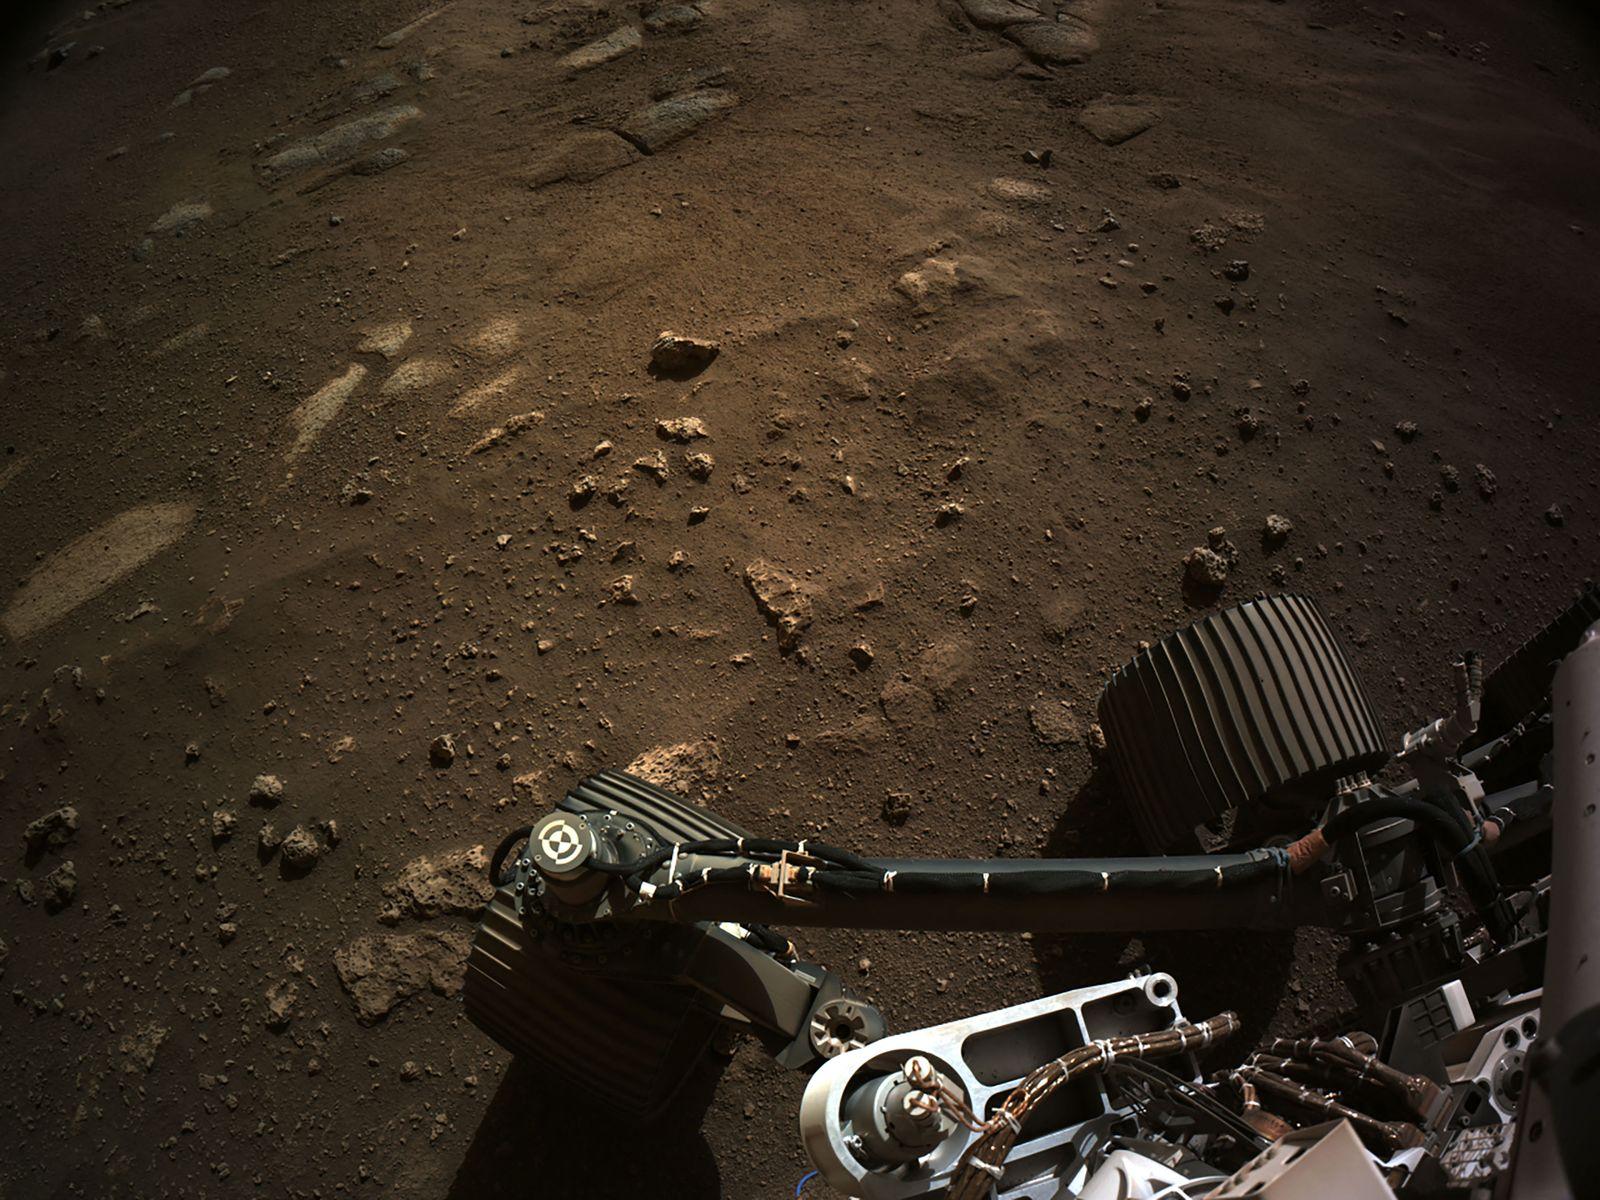 TOPSHOT-US-SPACE-NASA-MARS